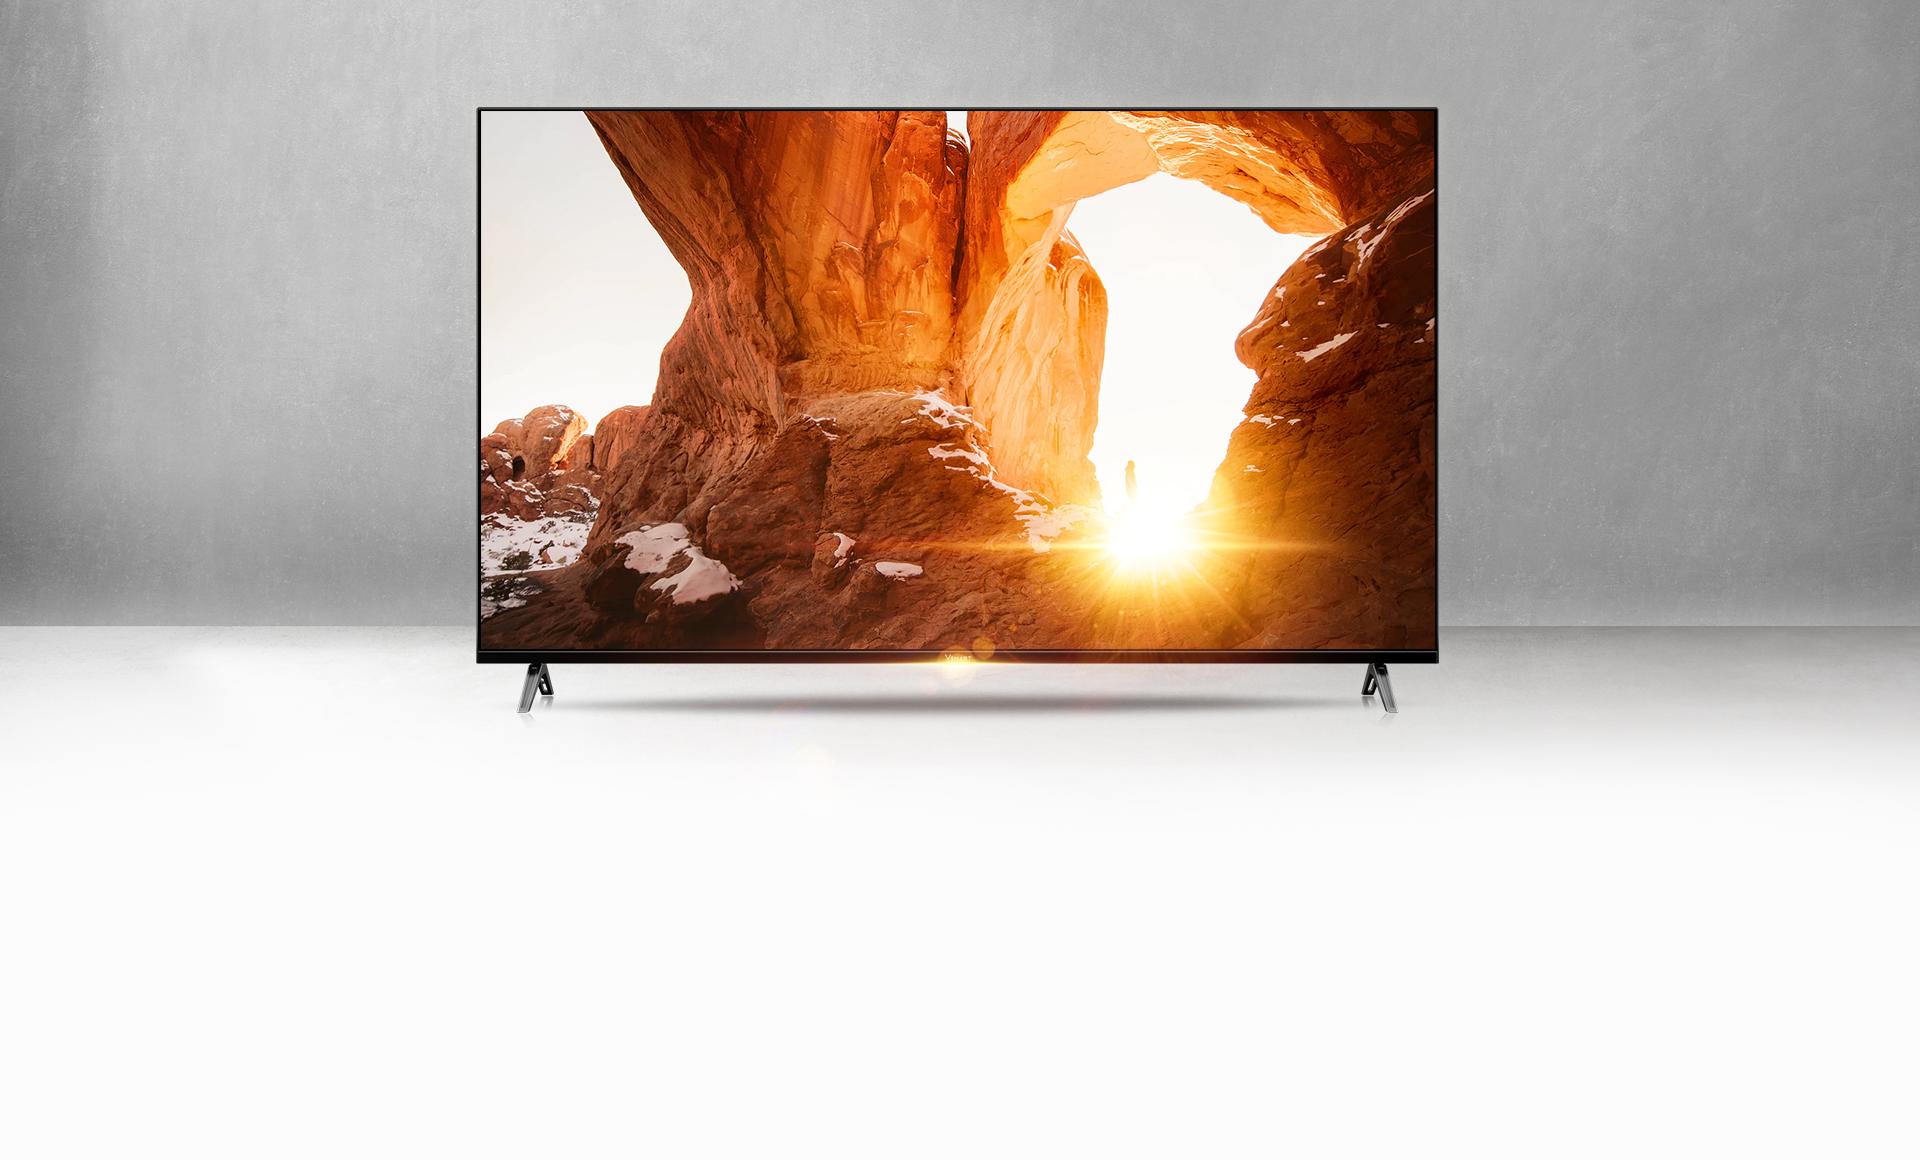 VSmart TV 55KD6800